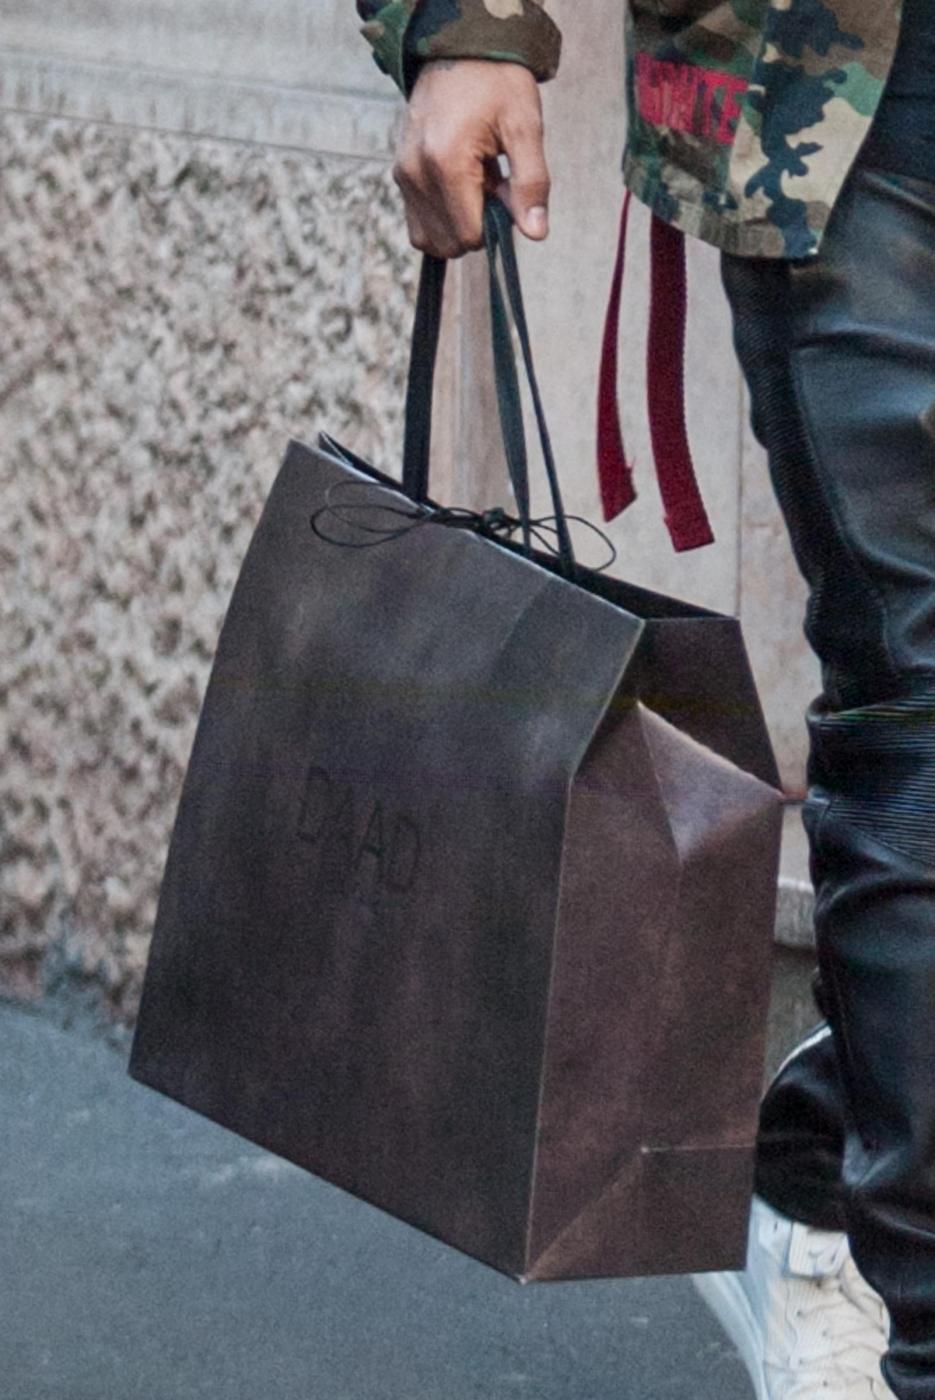 Boateng shopping natalizio: compra regali a Melissa Satta3